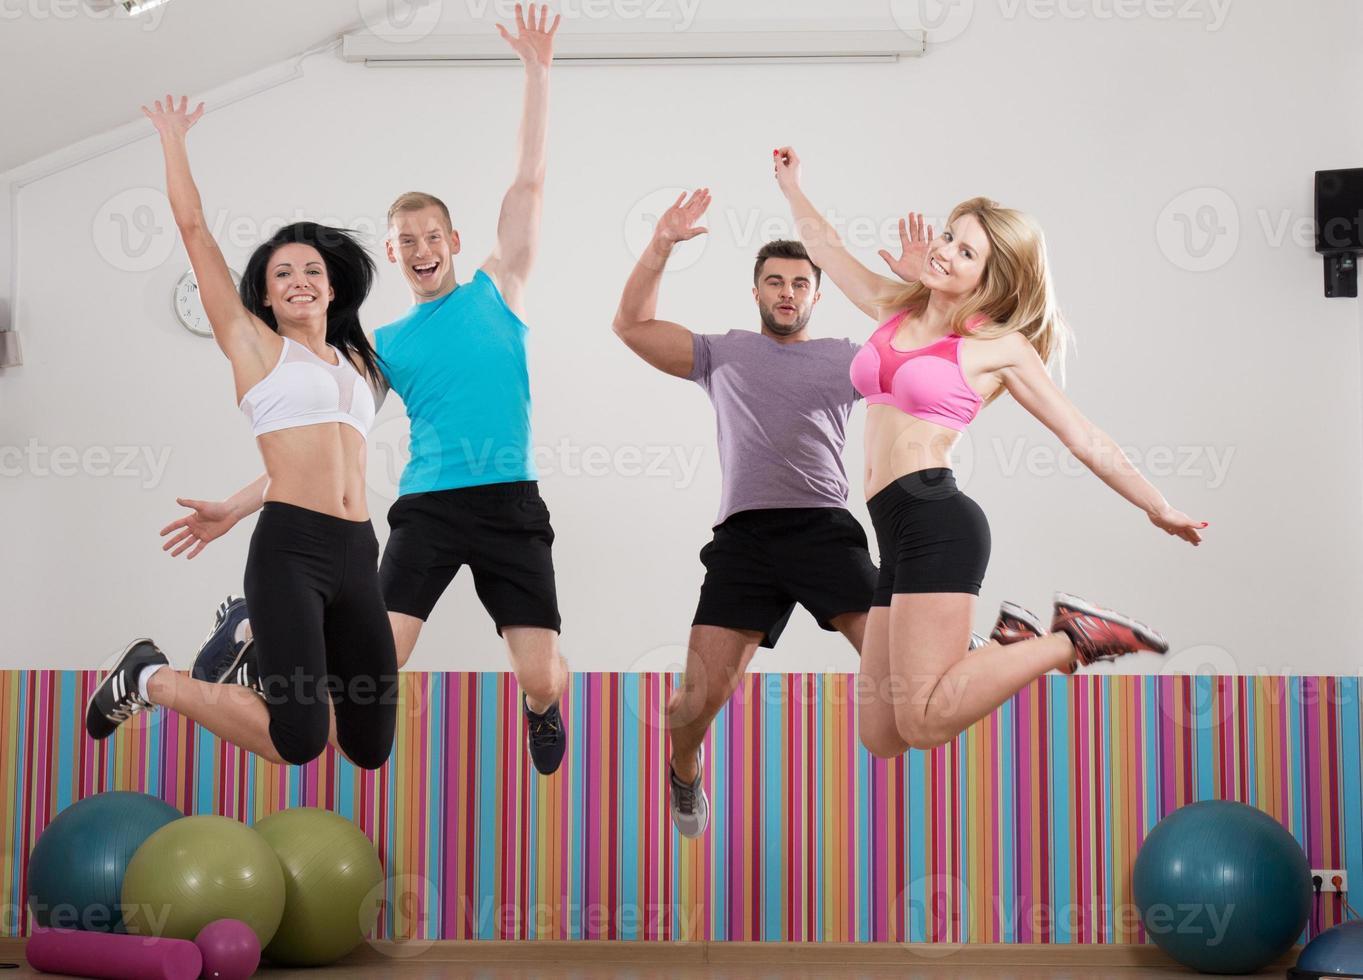 gelukkig, glimlachend atleten team foto